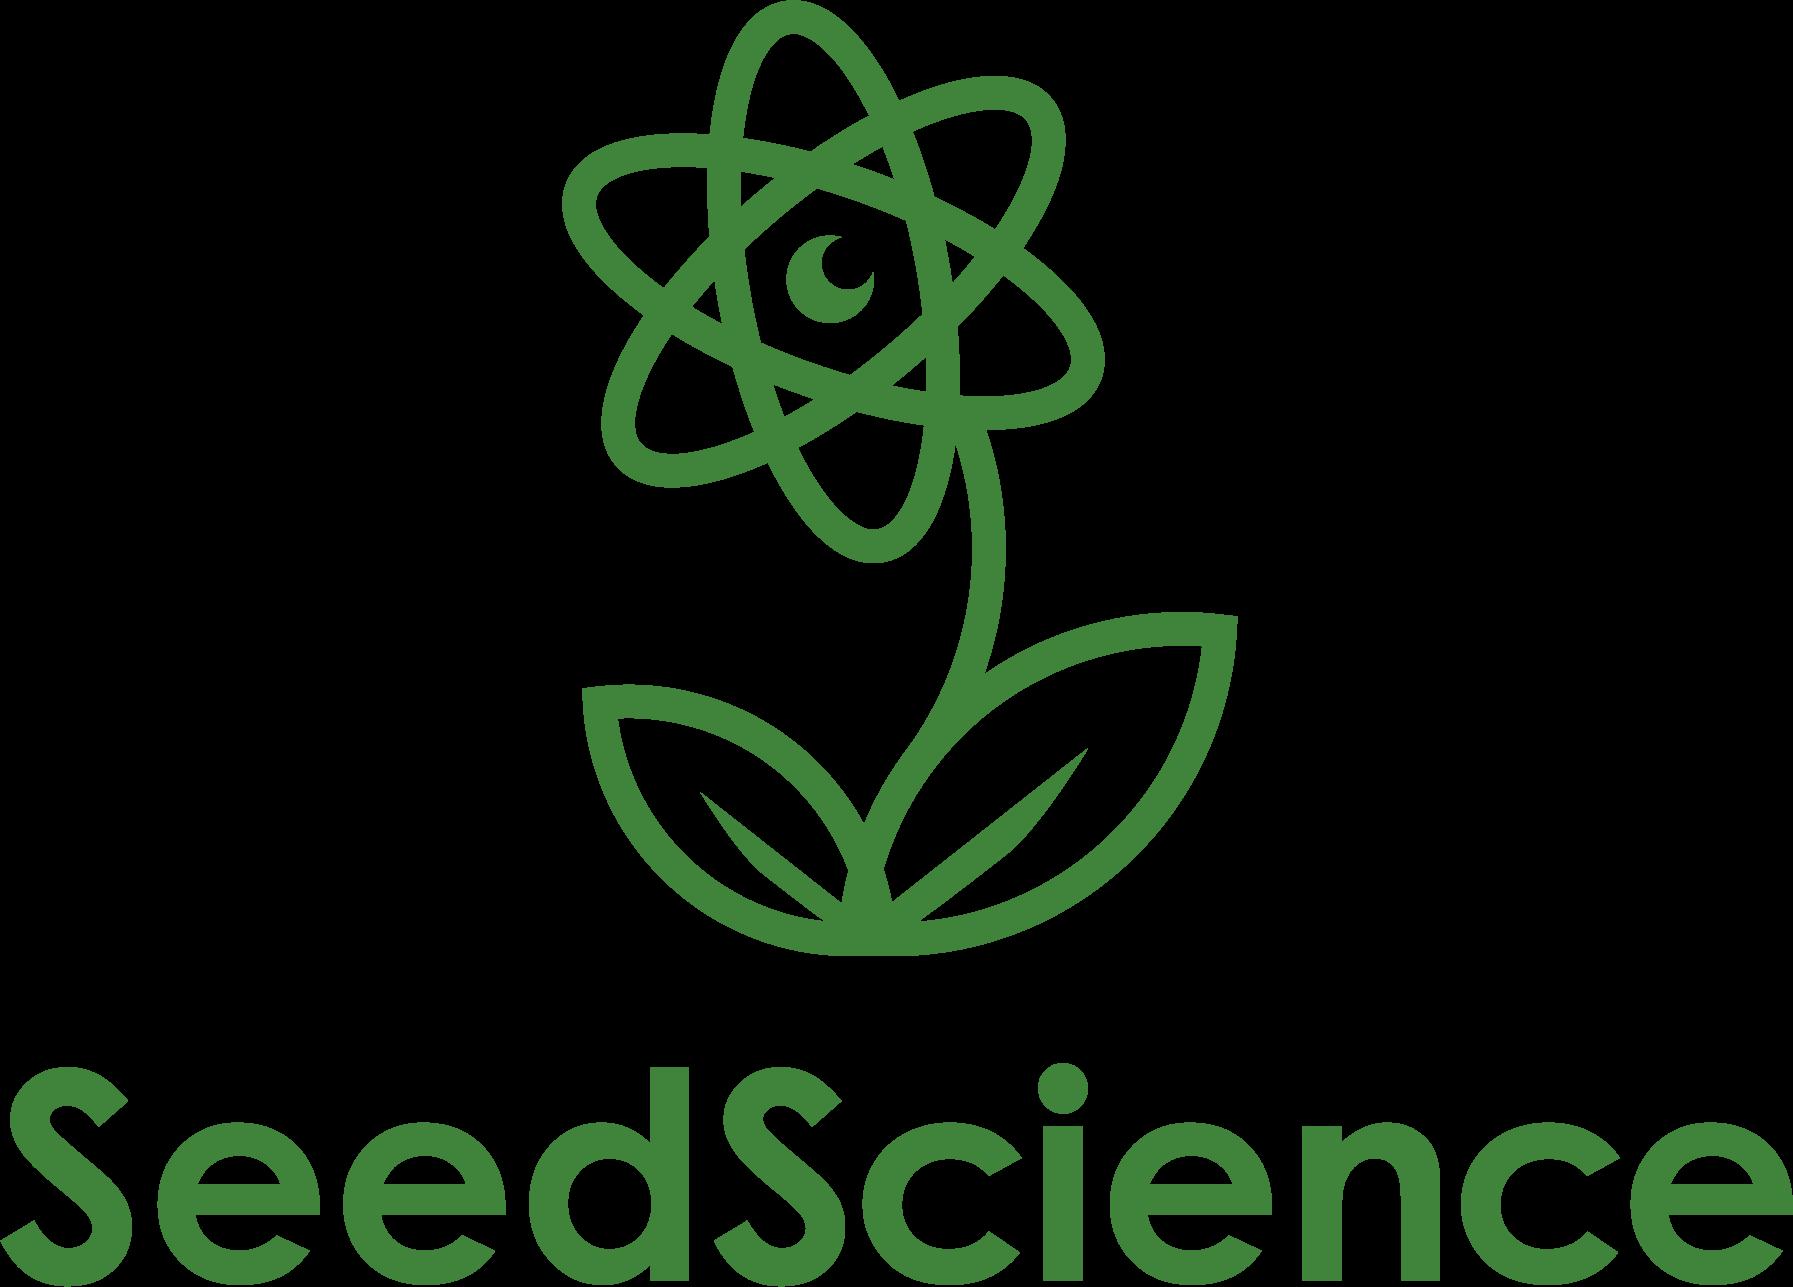 SeedScience